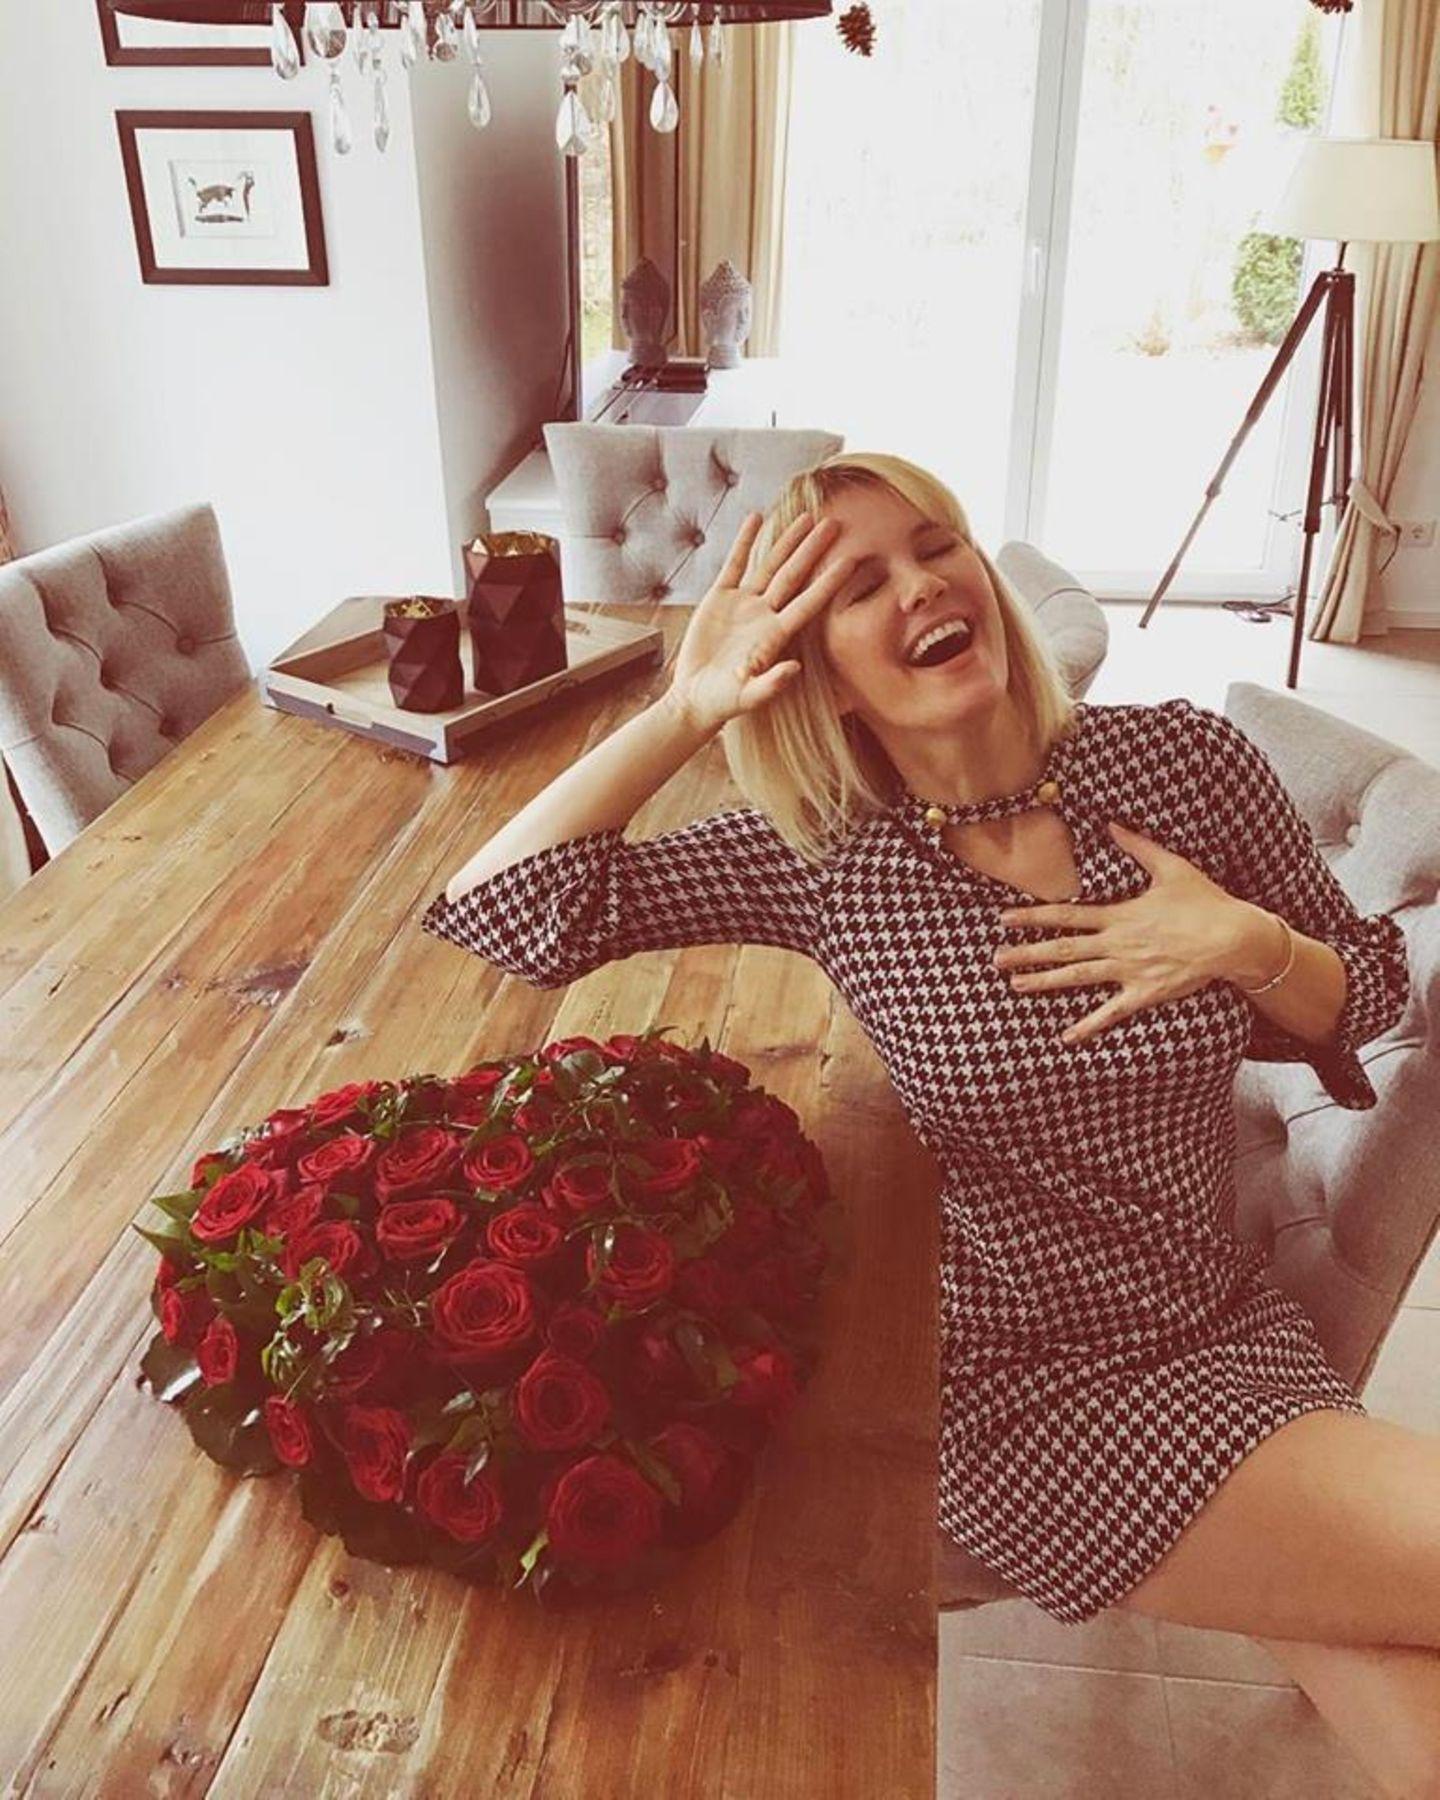 """""""Eigentlich halte ich nichts von dem Valentinstag Kitsch....  Aber als die Fleurop Frau gerade zweimal klingelte, hab ich mich schon sehr gefreut... Und als ich die Rosen auspackte, traf es mich voll ins Herz!!!! Danke mein Schatz!"""" - postete Monica-Ivancan."""